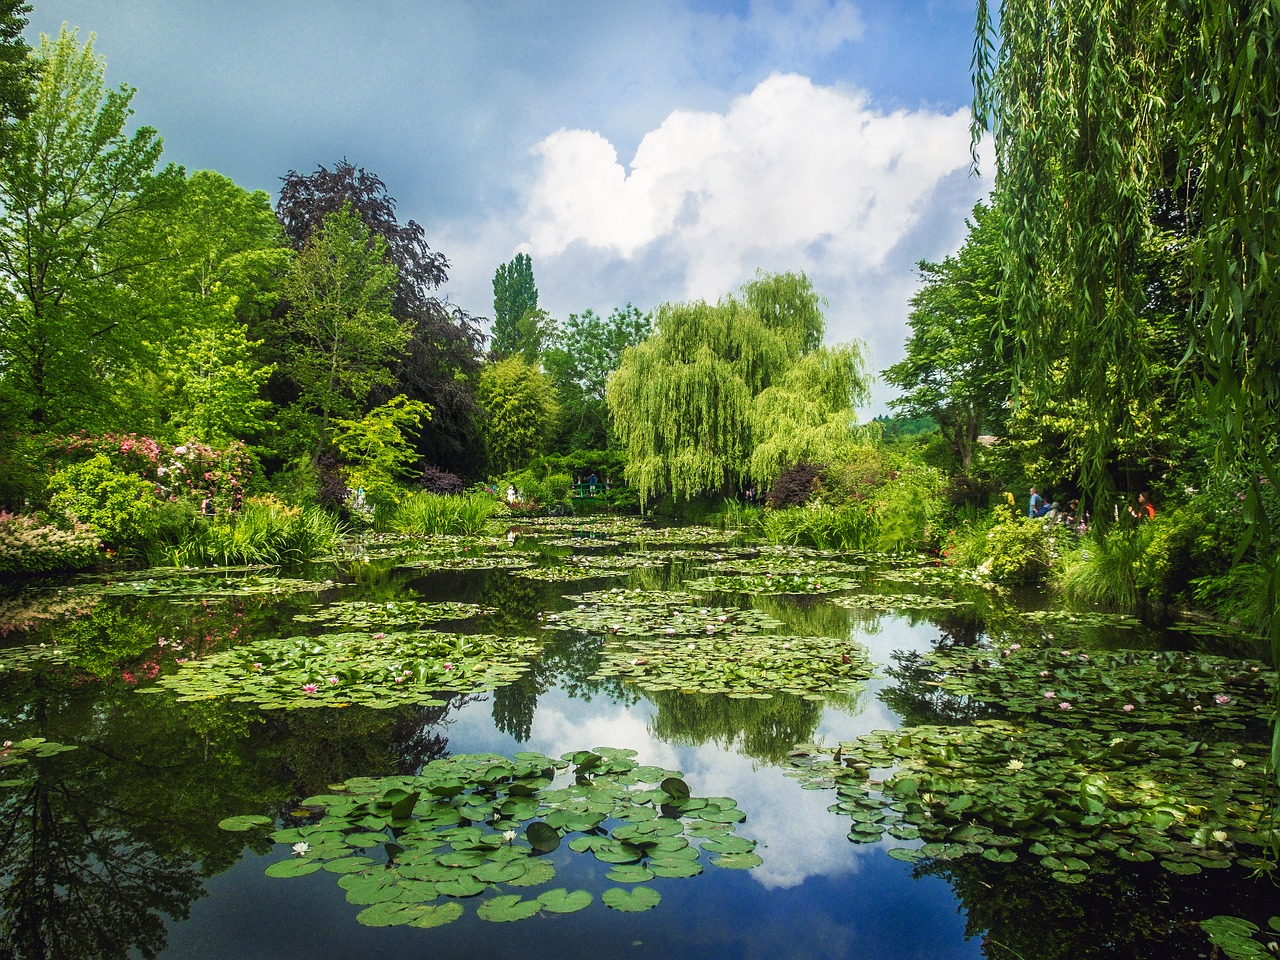 gardens-monet-1279053_1280.jpg